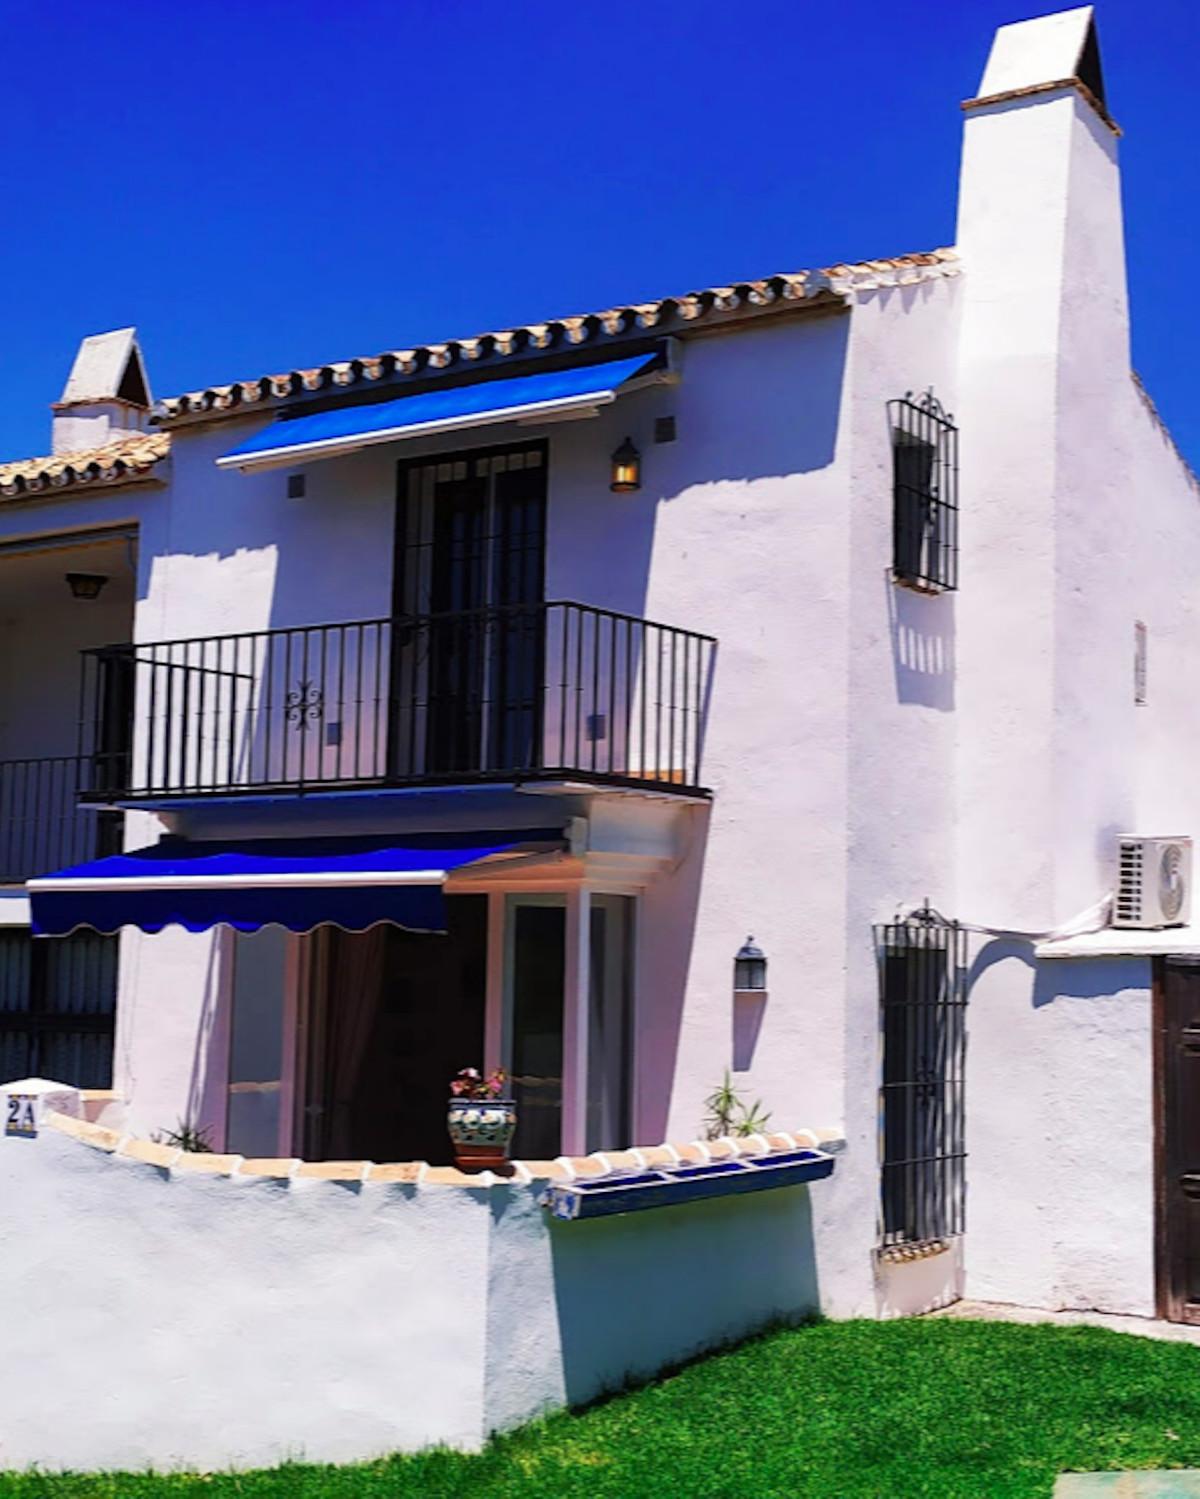 Casa - Marbella - R3783505 - mibgroup.es